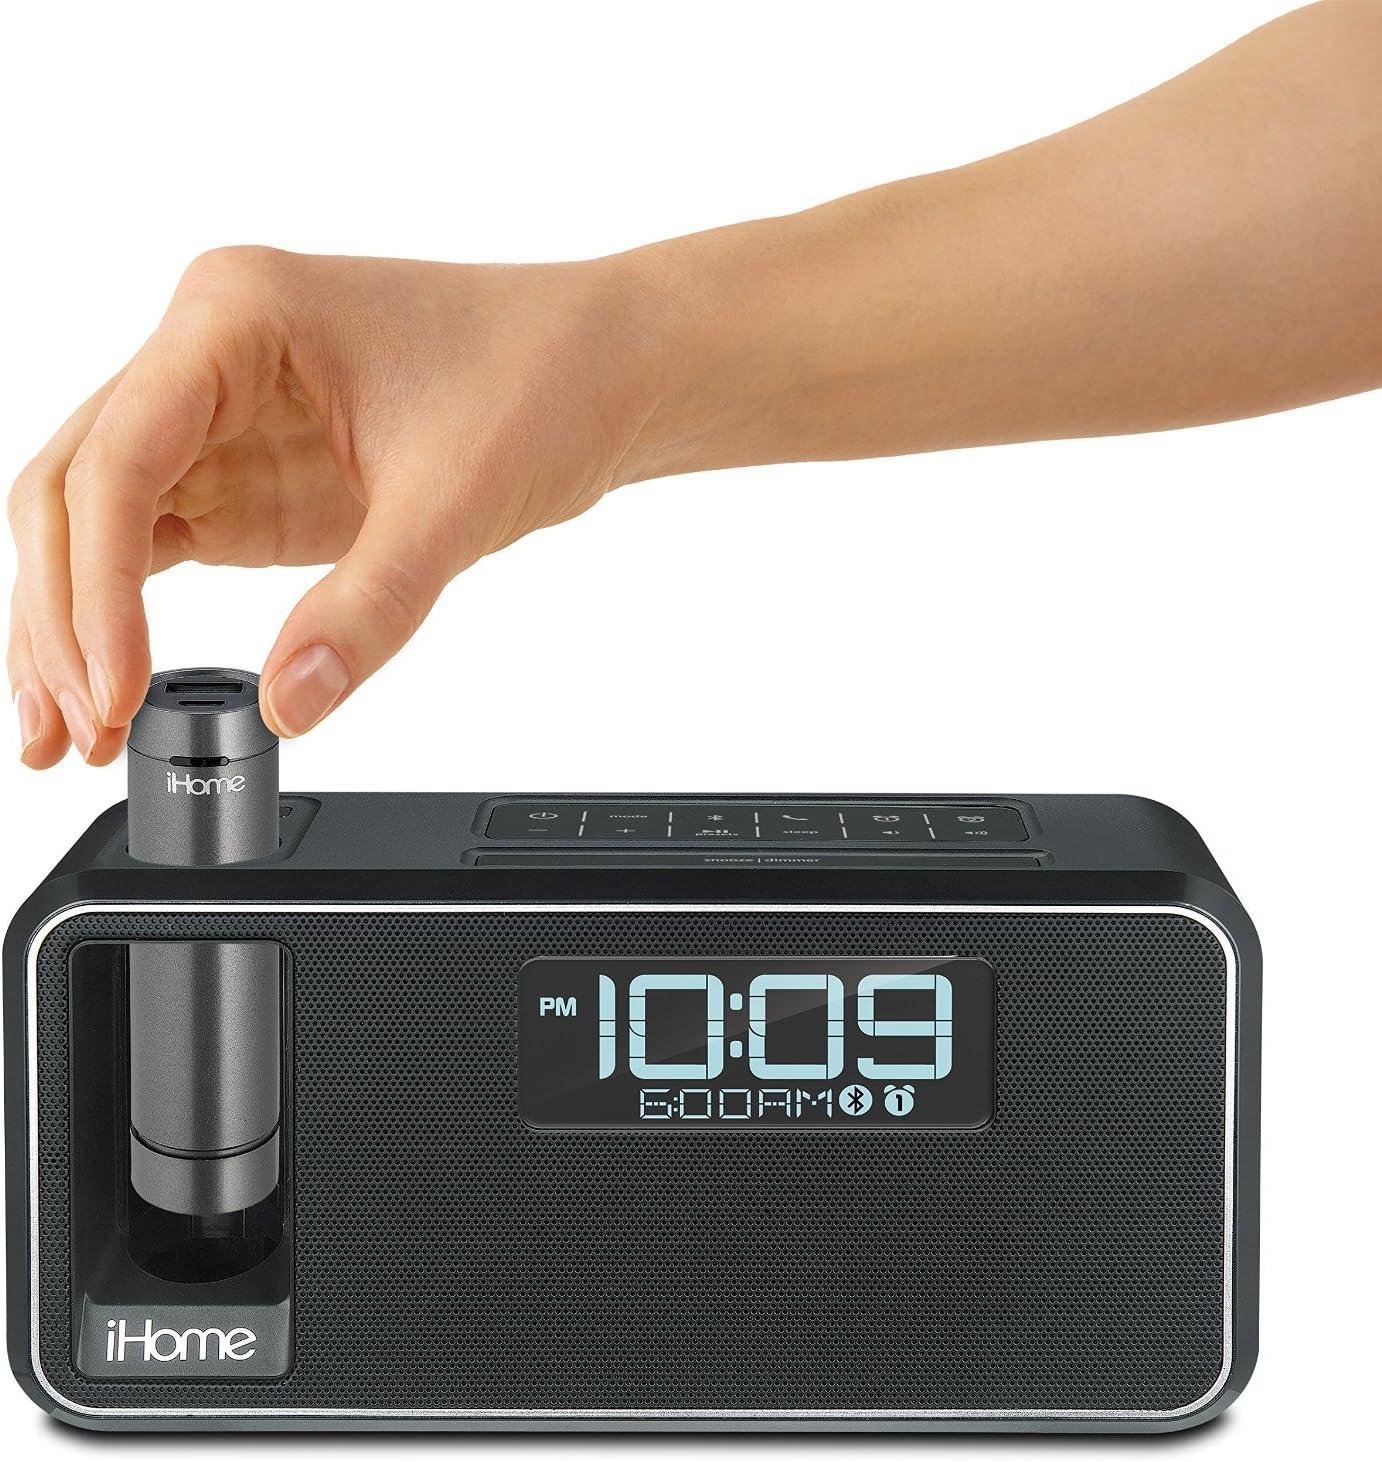 Best iHome Alarm Clock